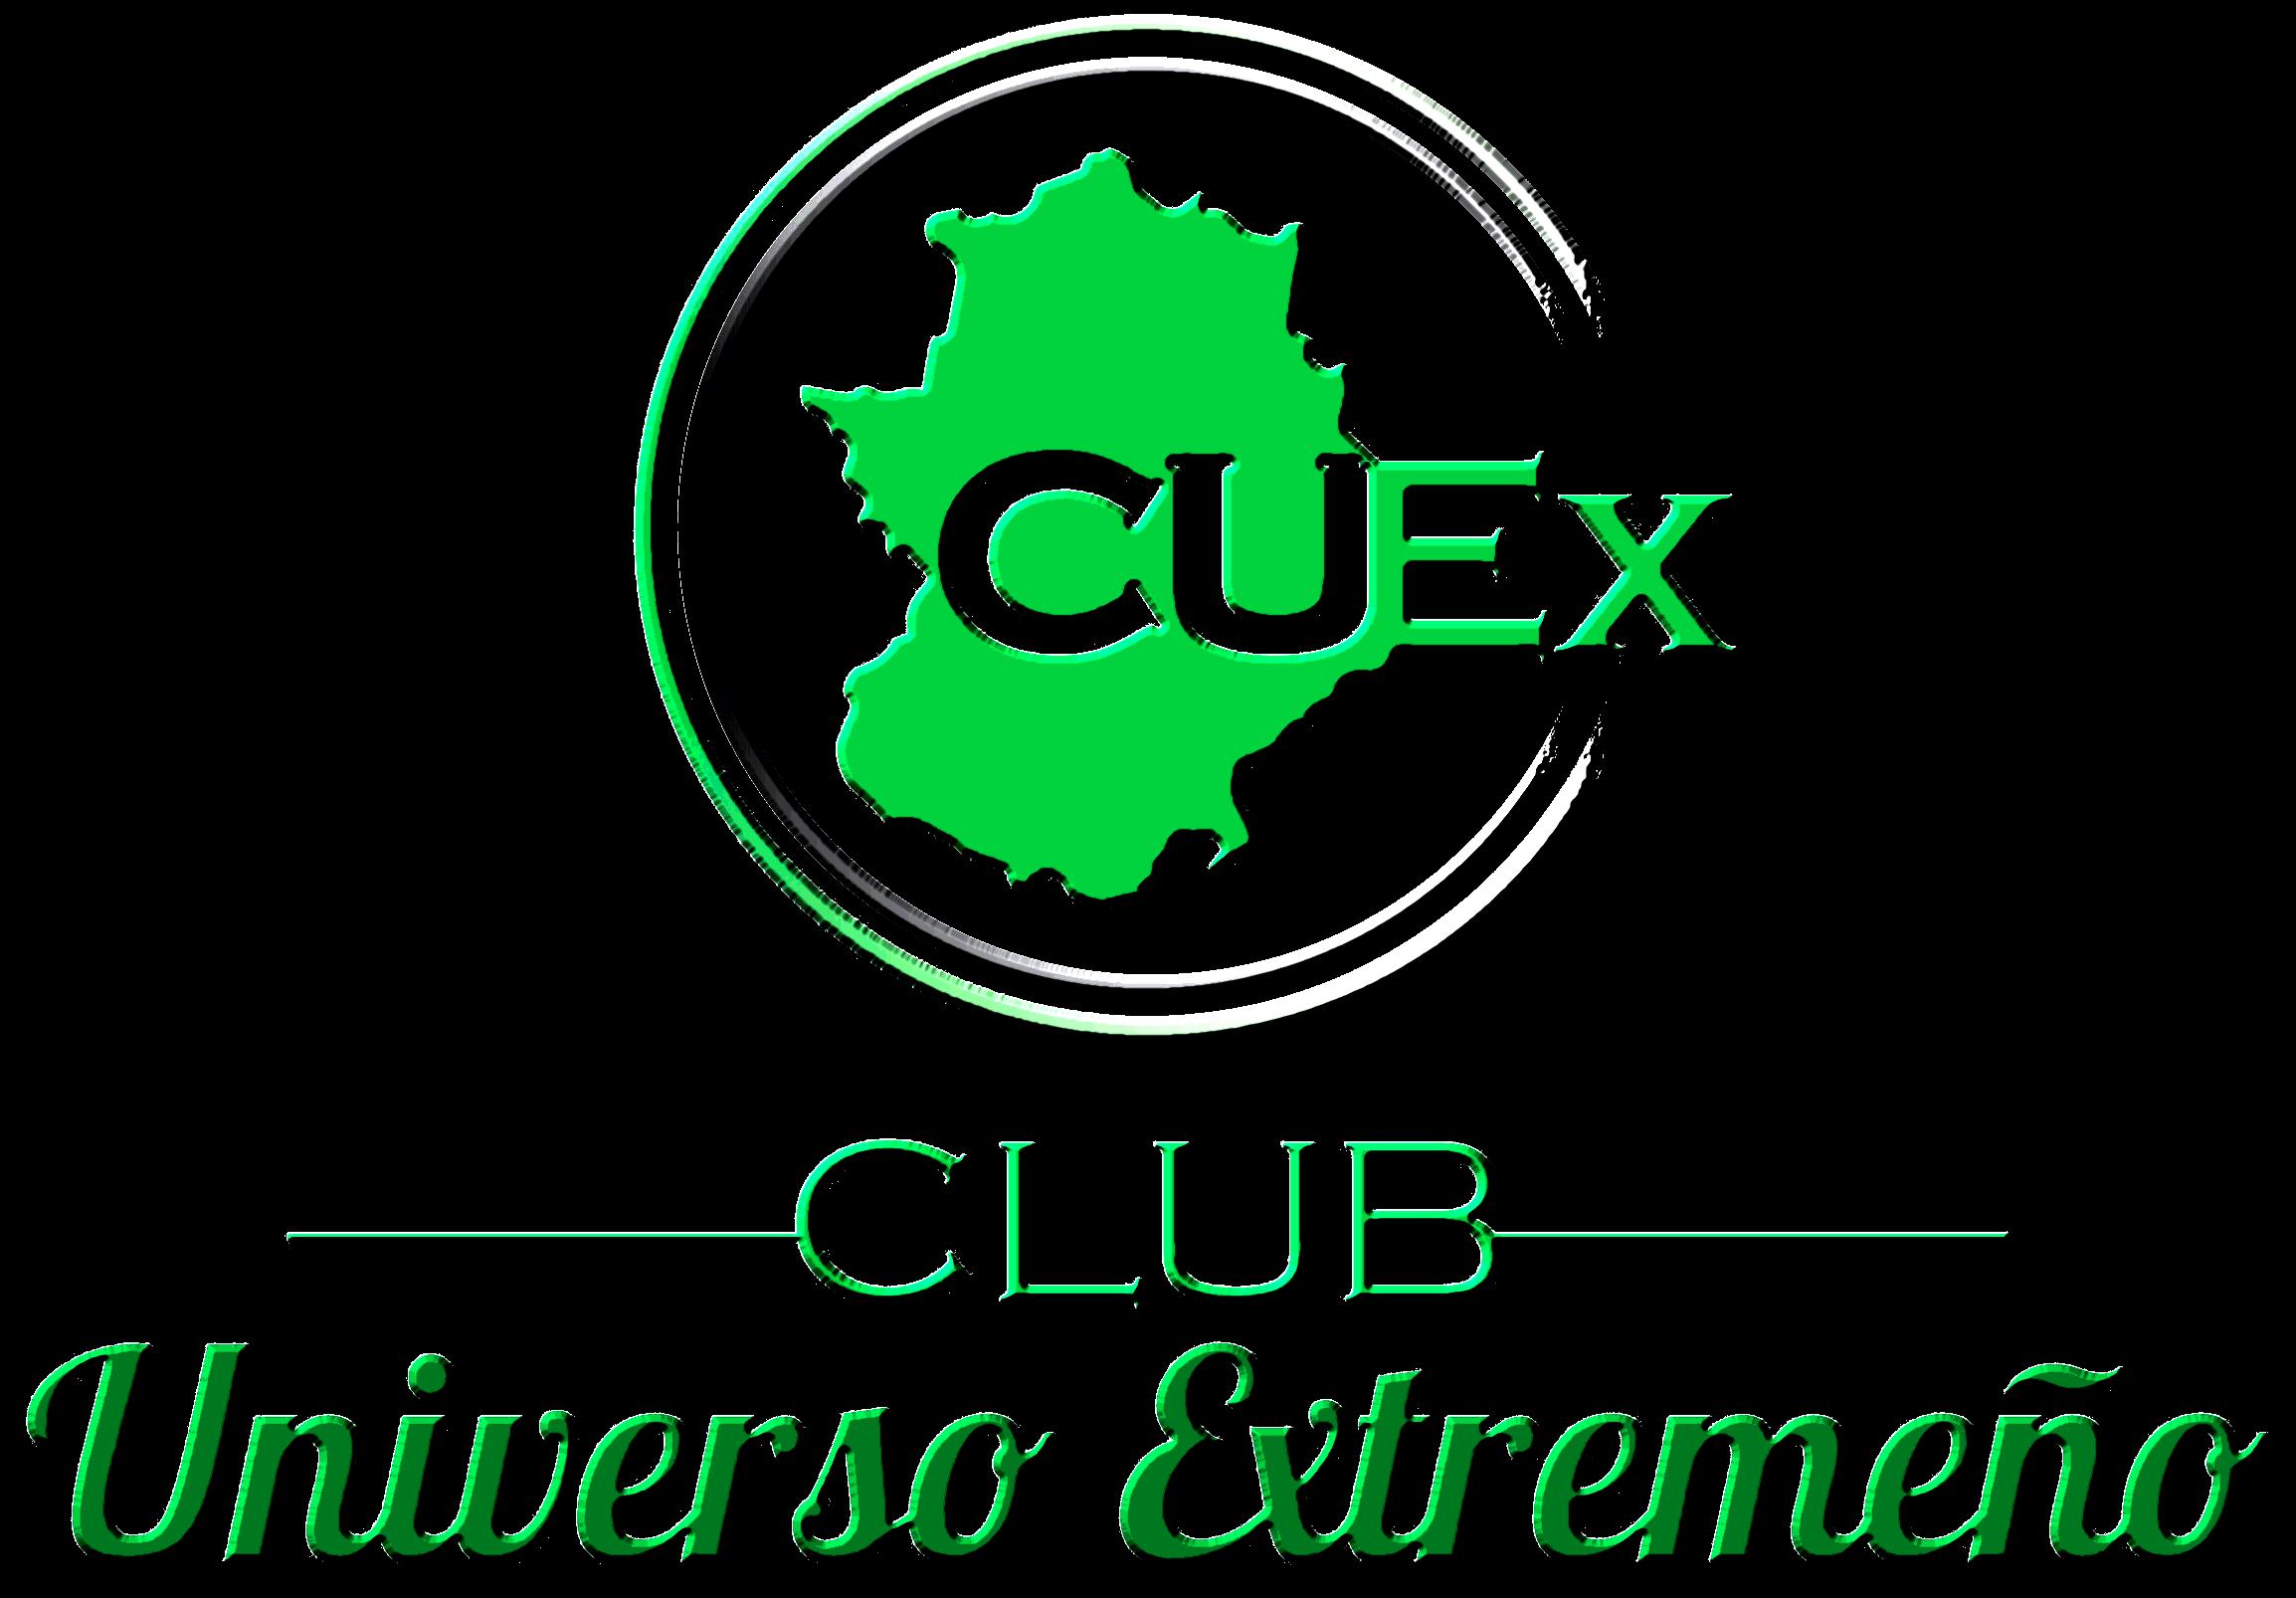 Club Universo Extremeño